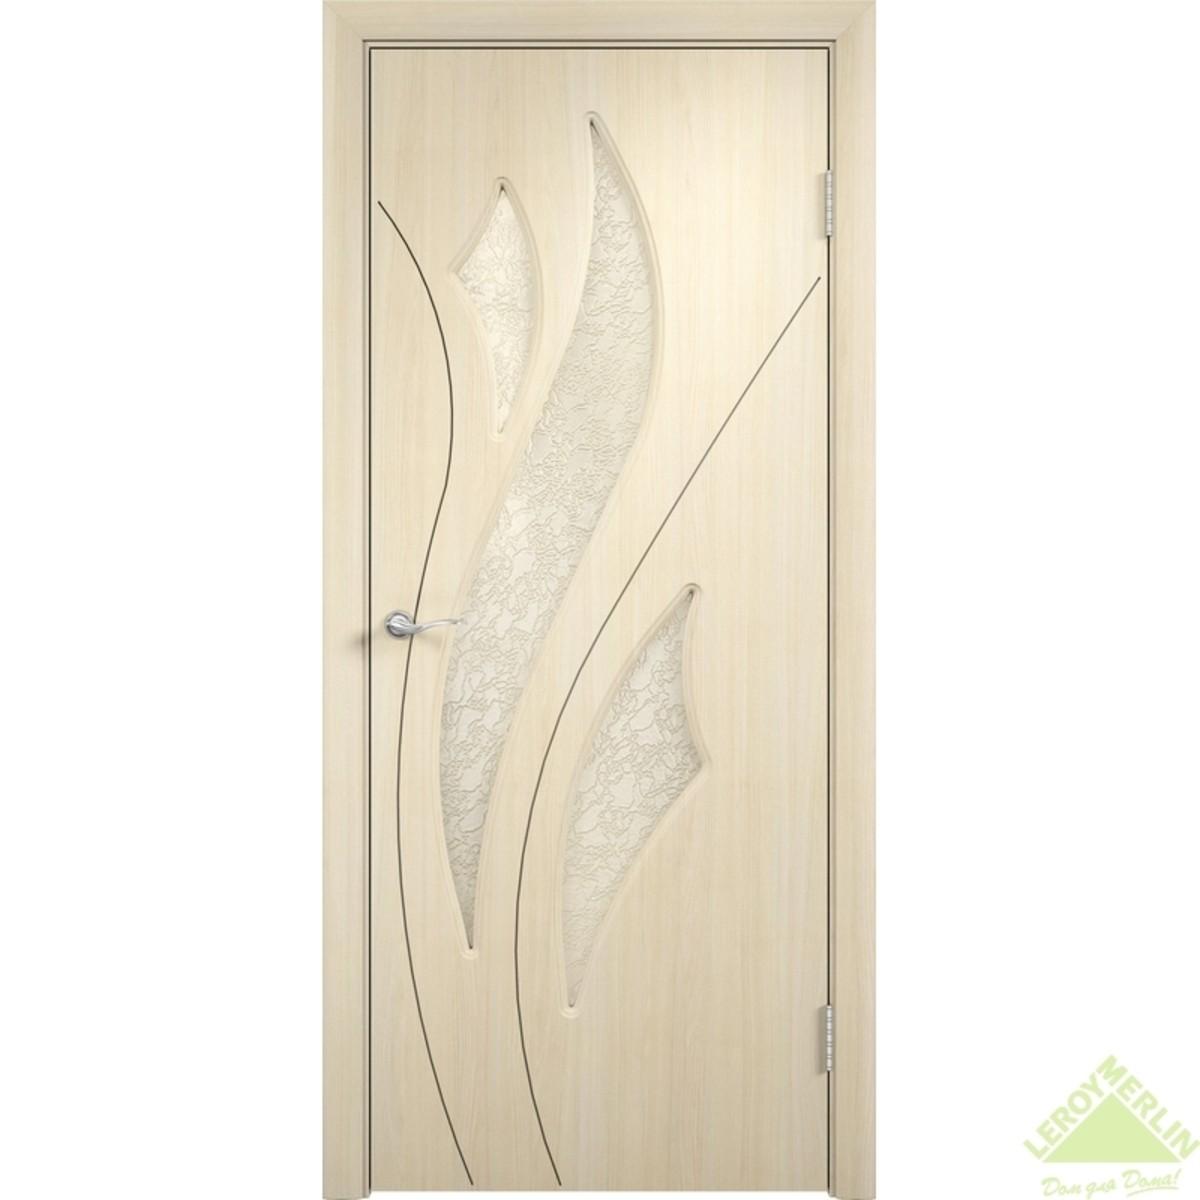 Дверное полотно остеклённое Латина Дельта 90x200 см ПВХ белёный дуб